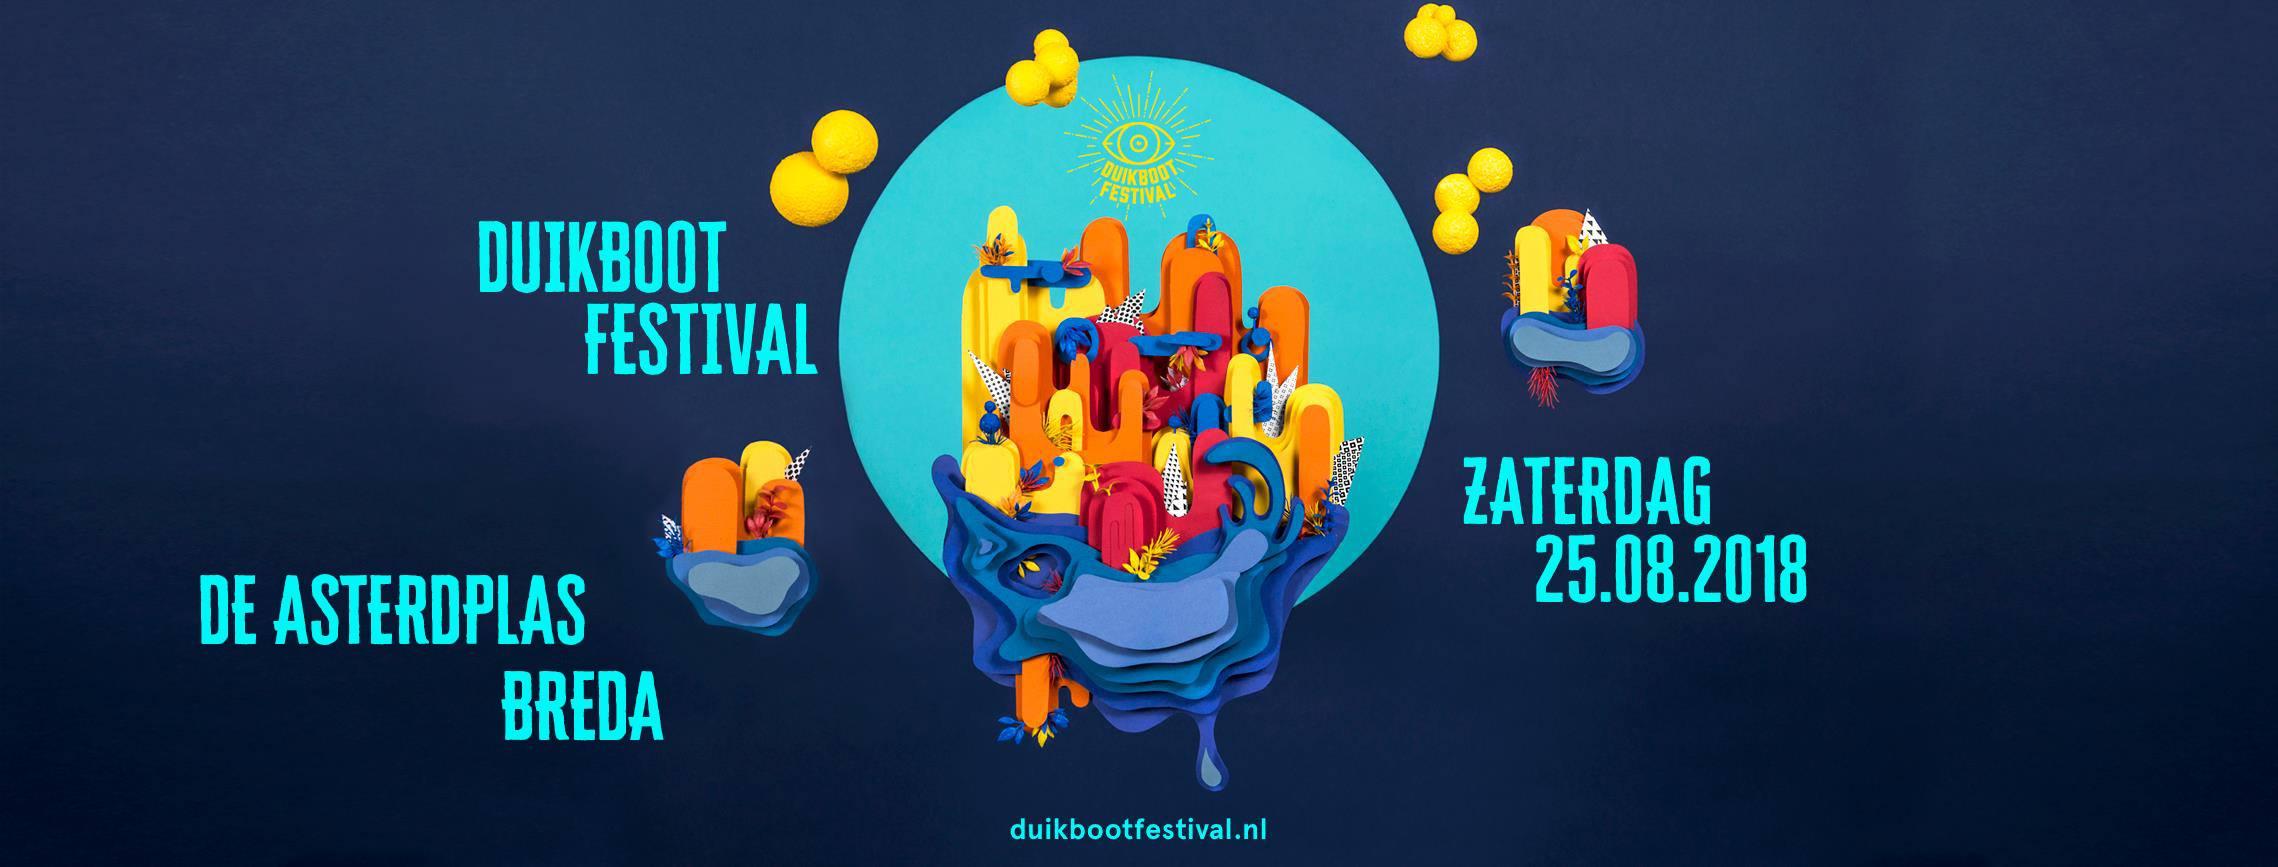 Duikboot Festival partytips